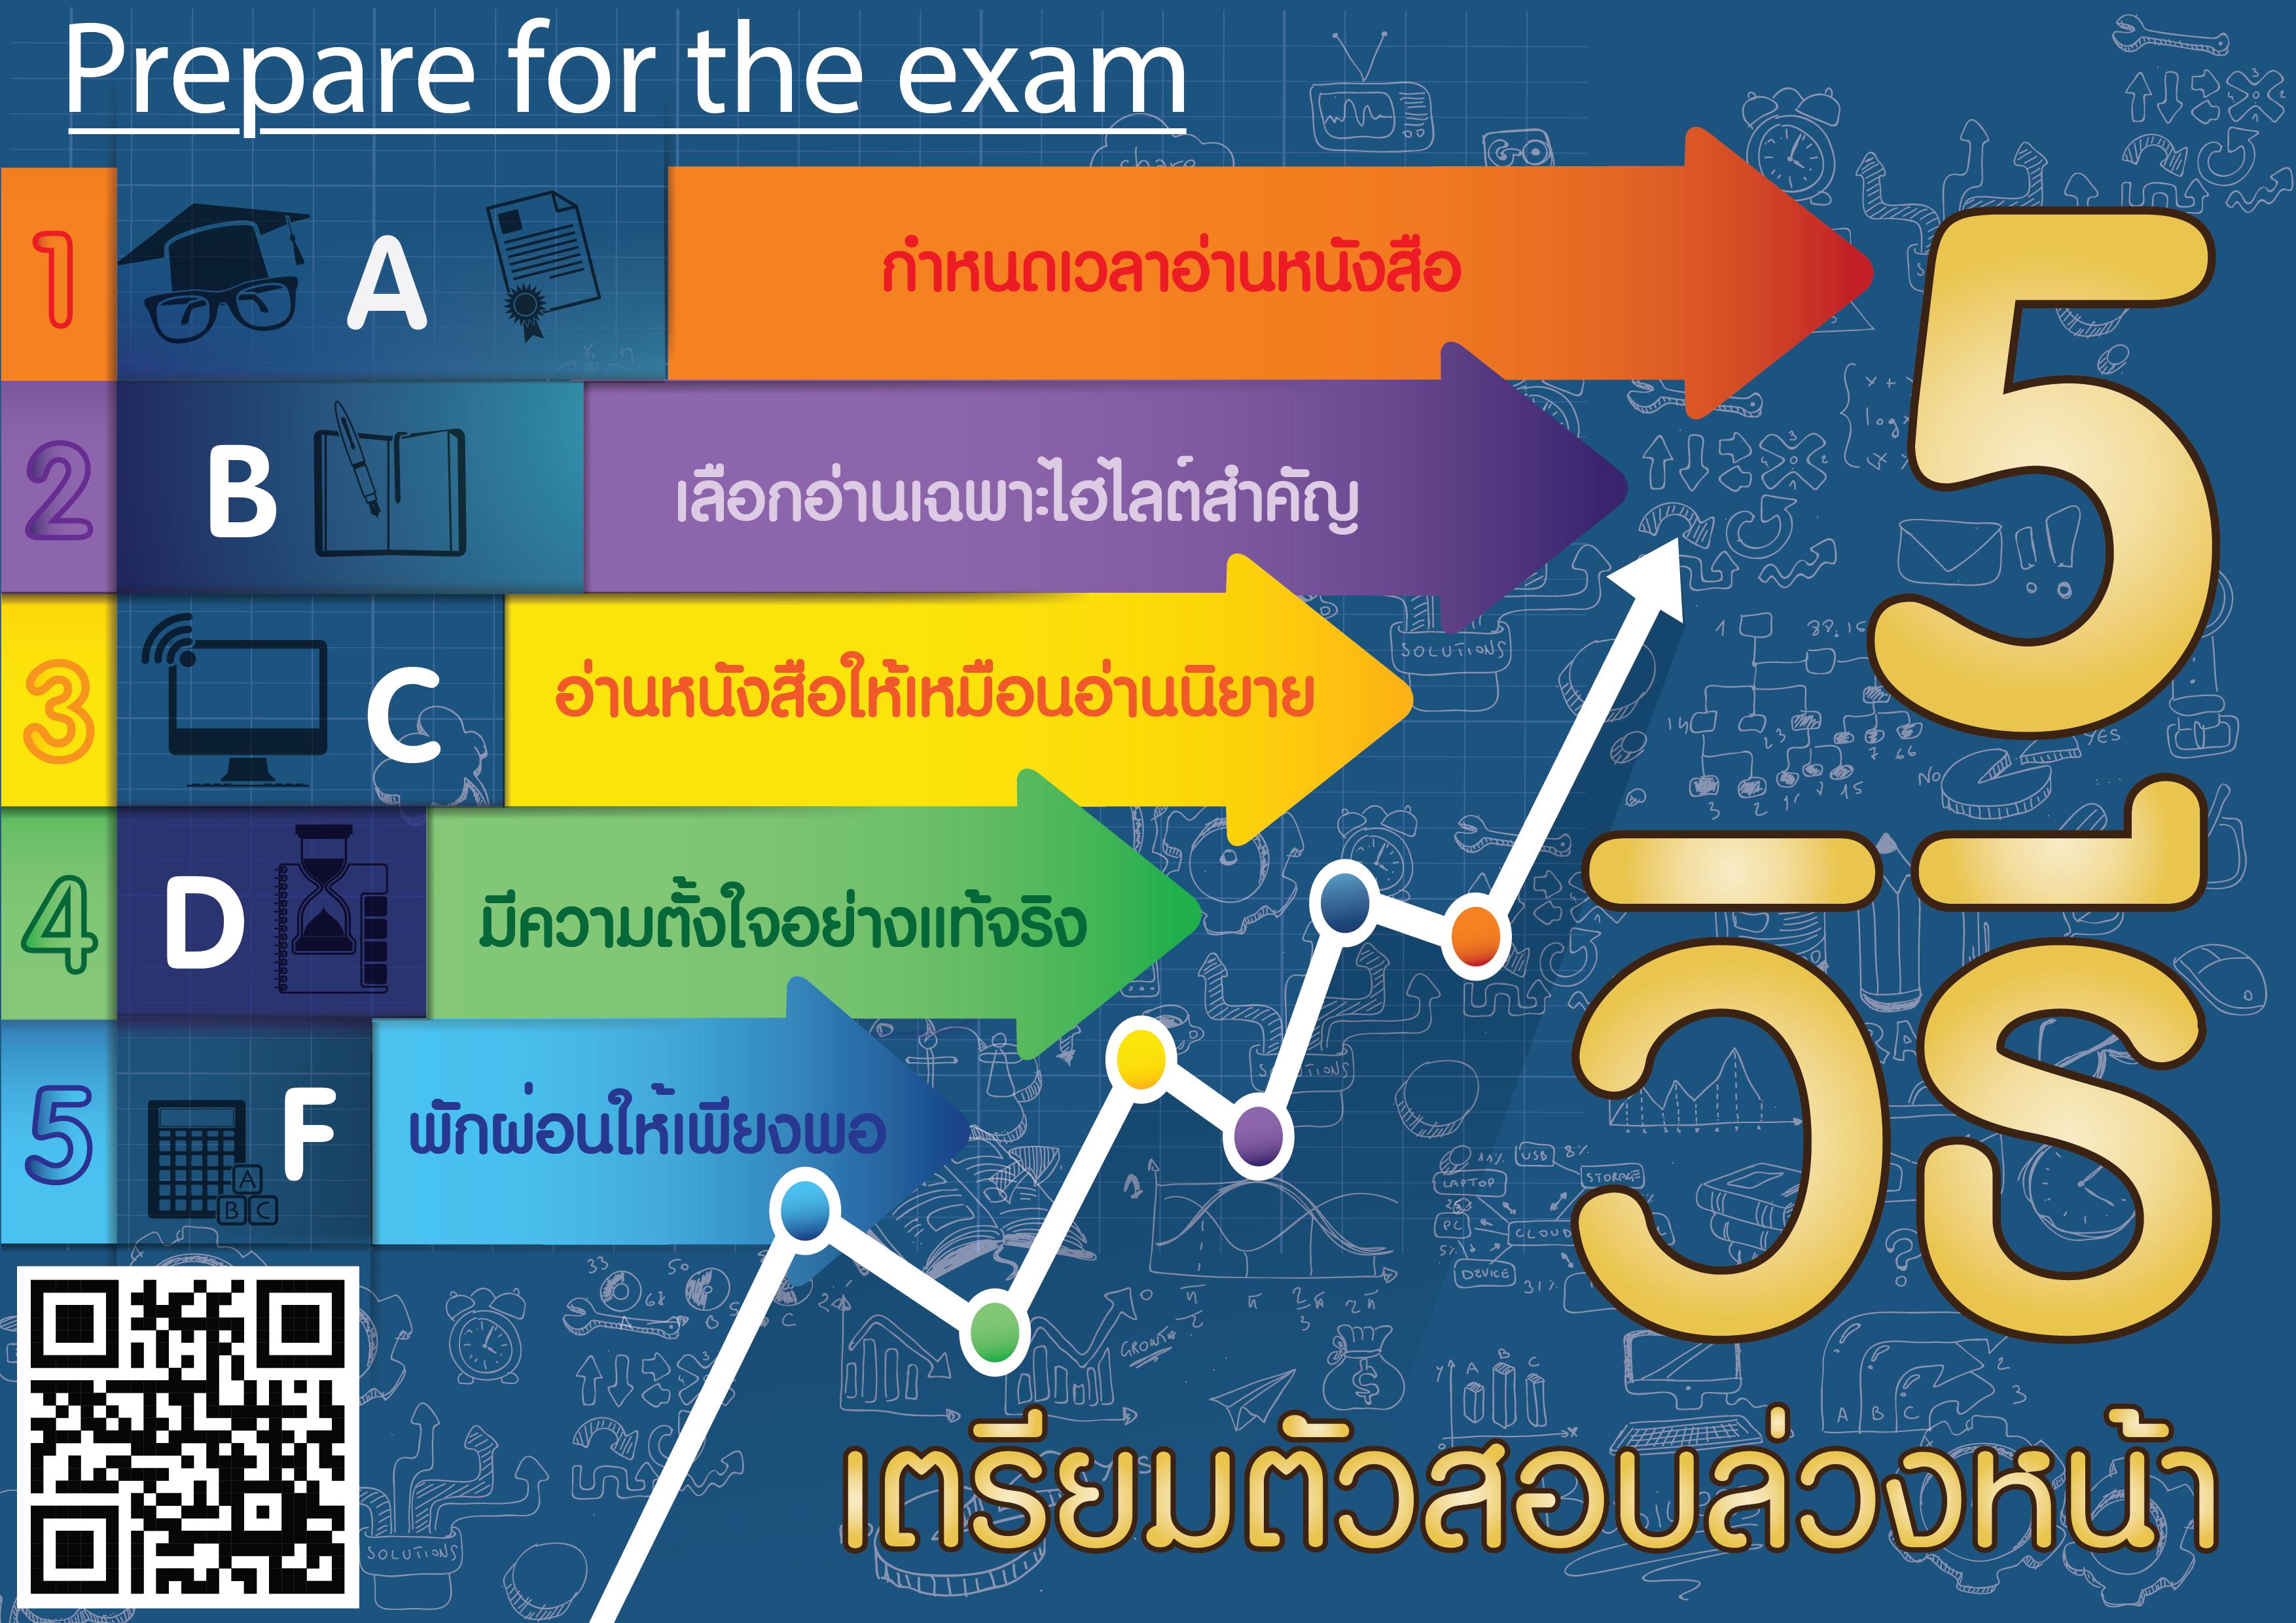 5วิธีก่อนสอบ1วัน2-01